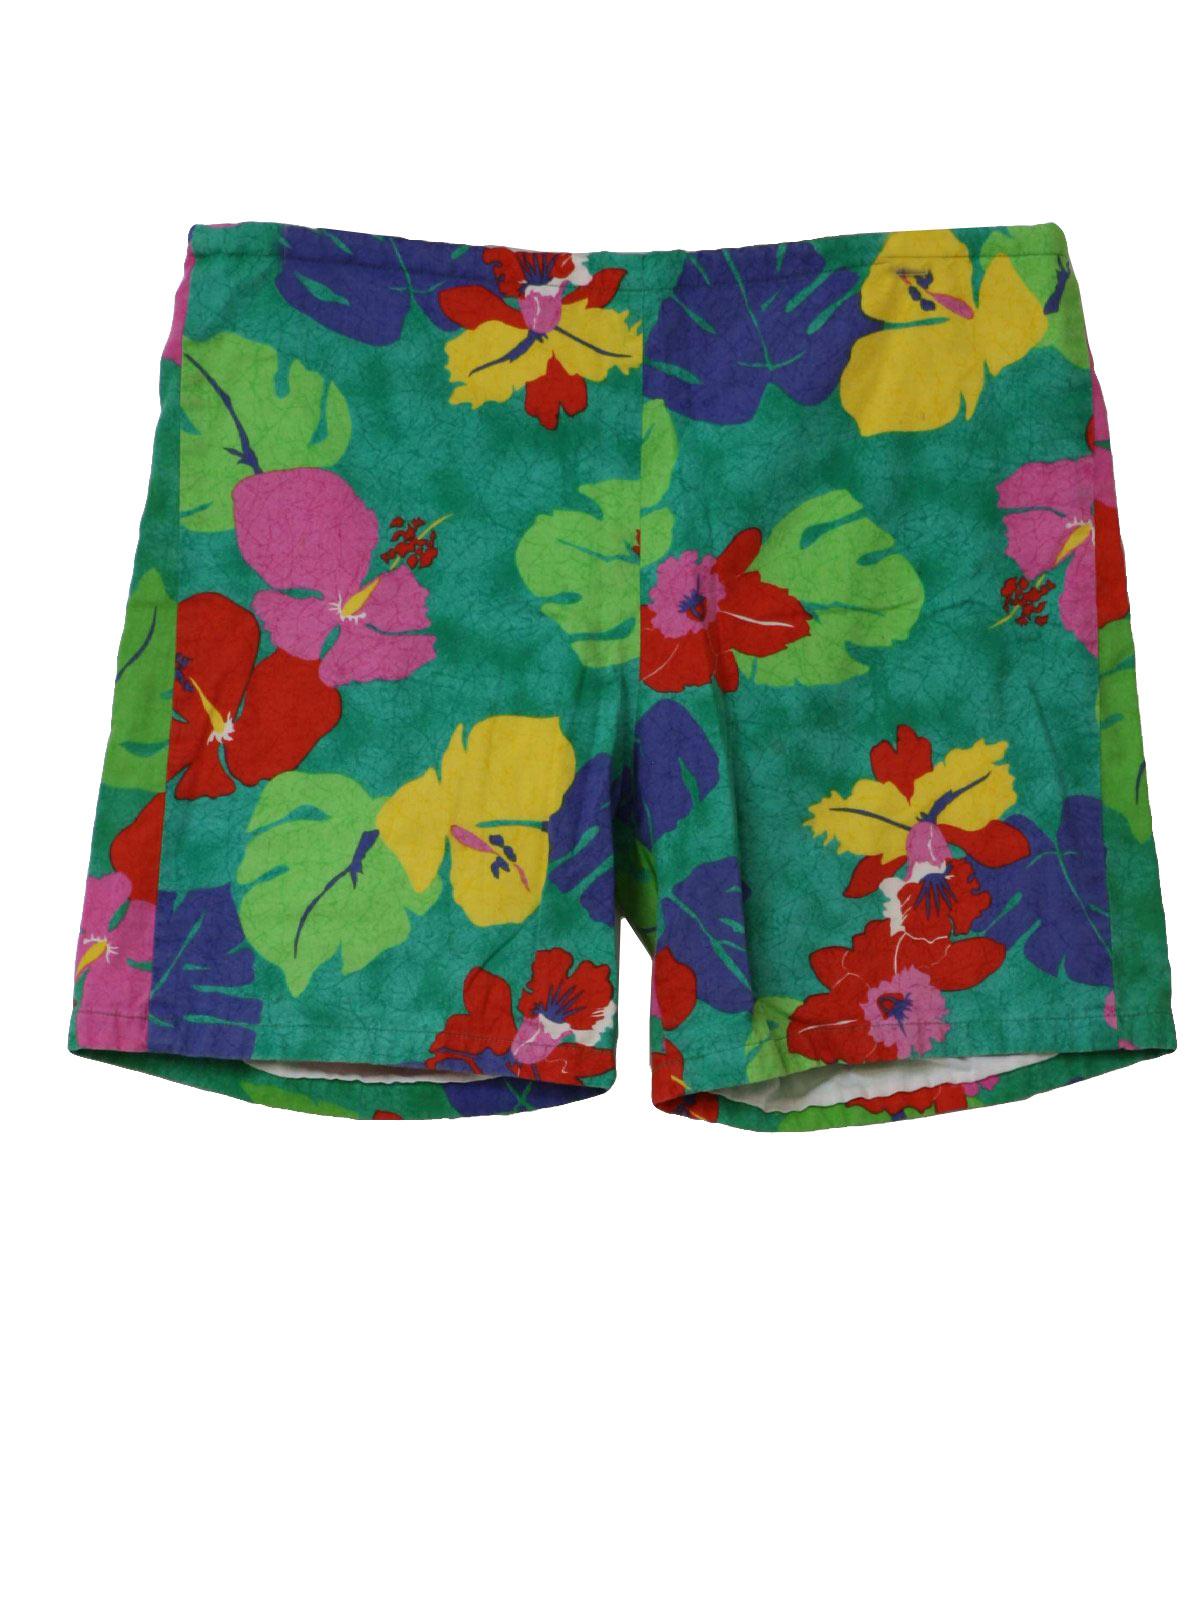 Hawaiian Print Blouses